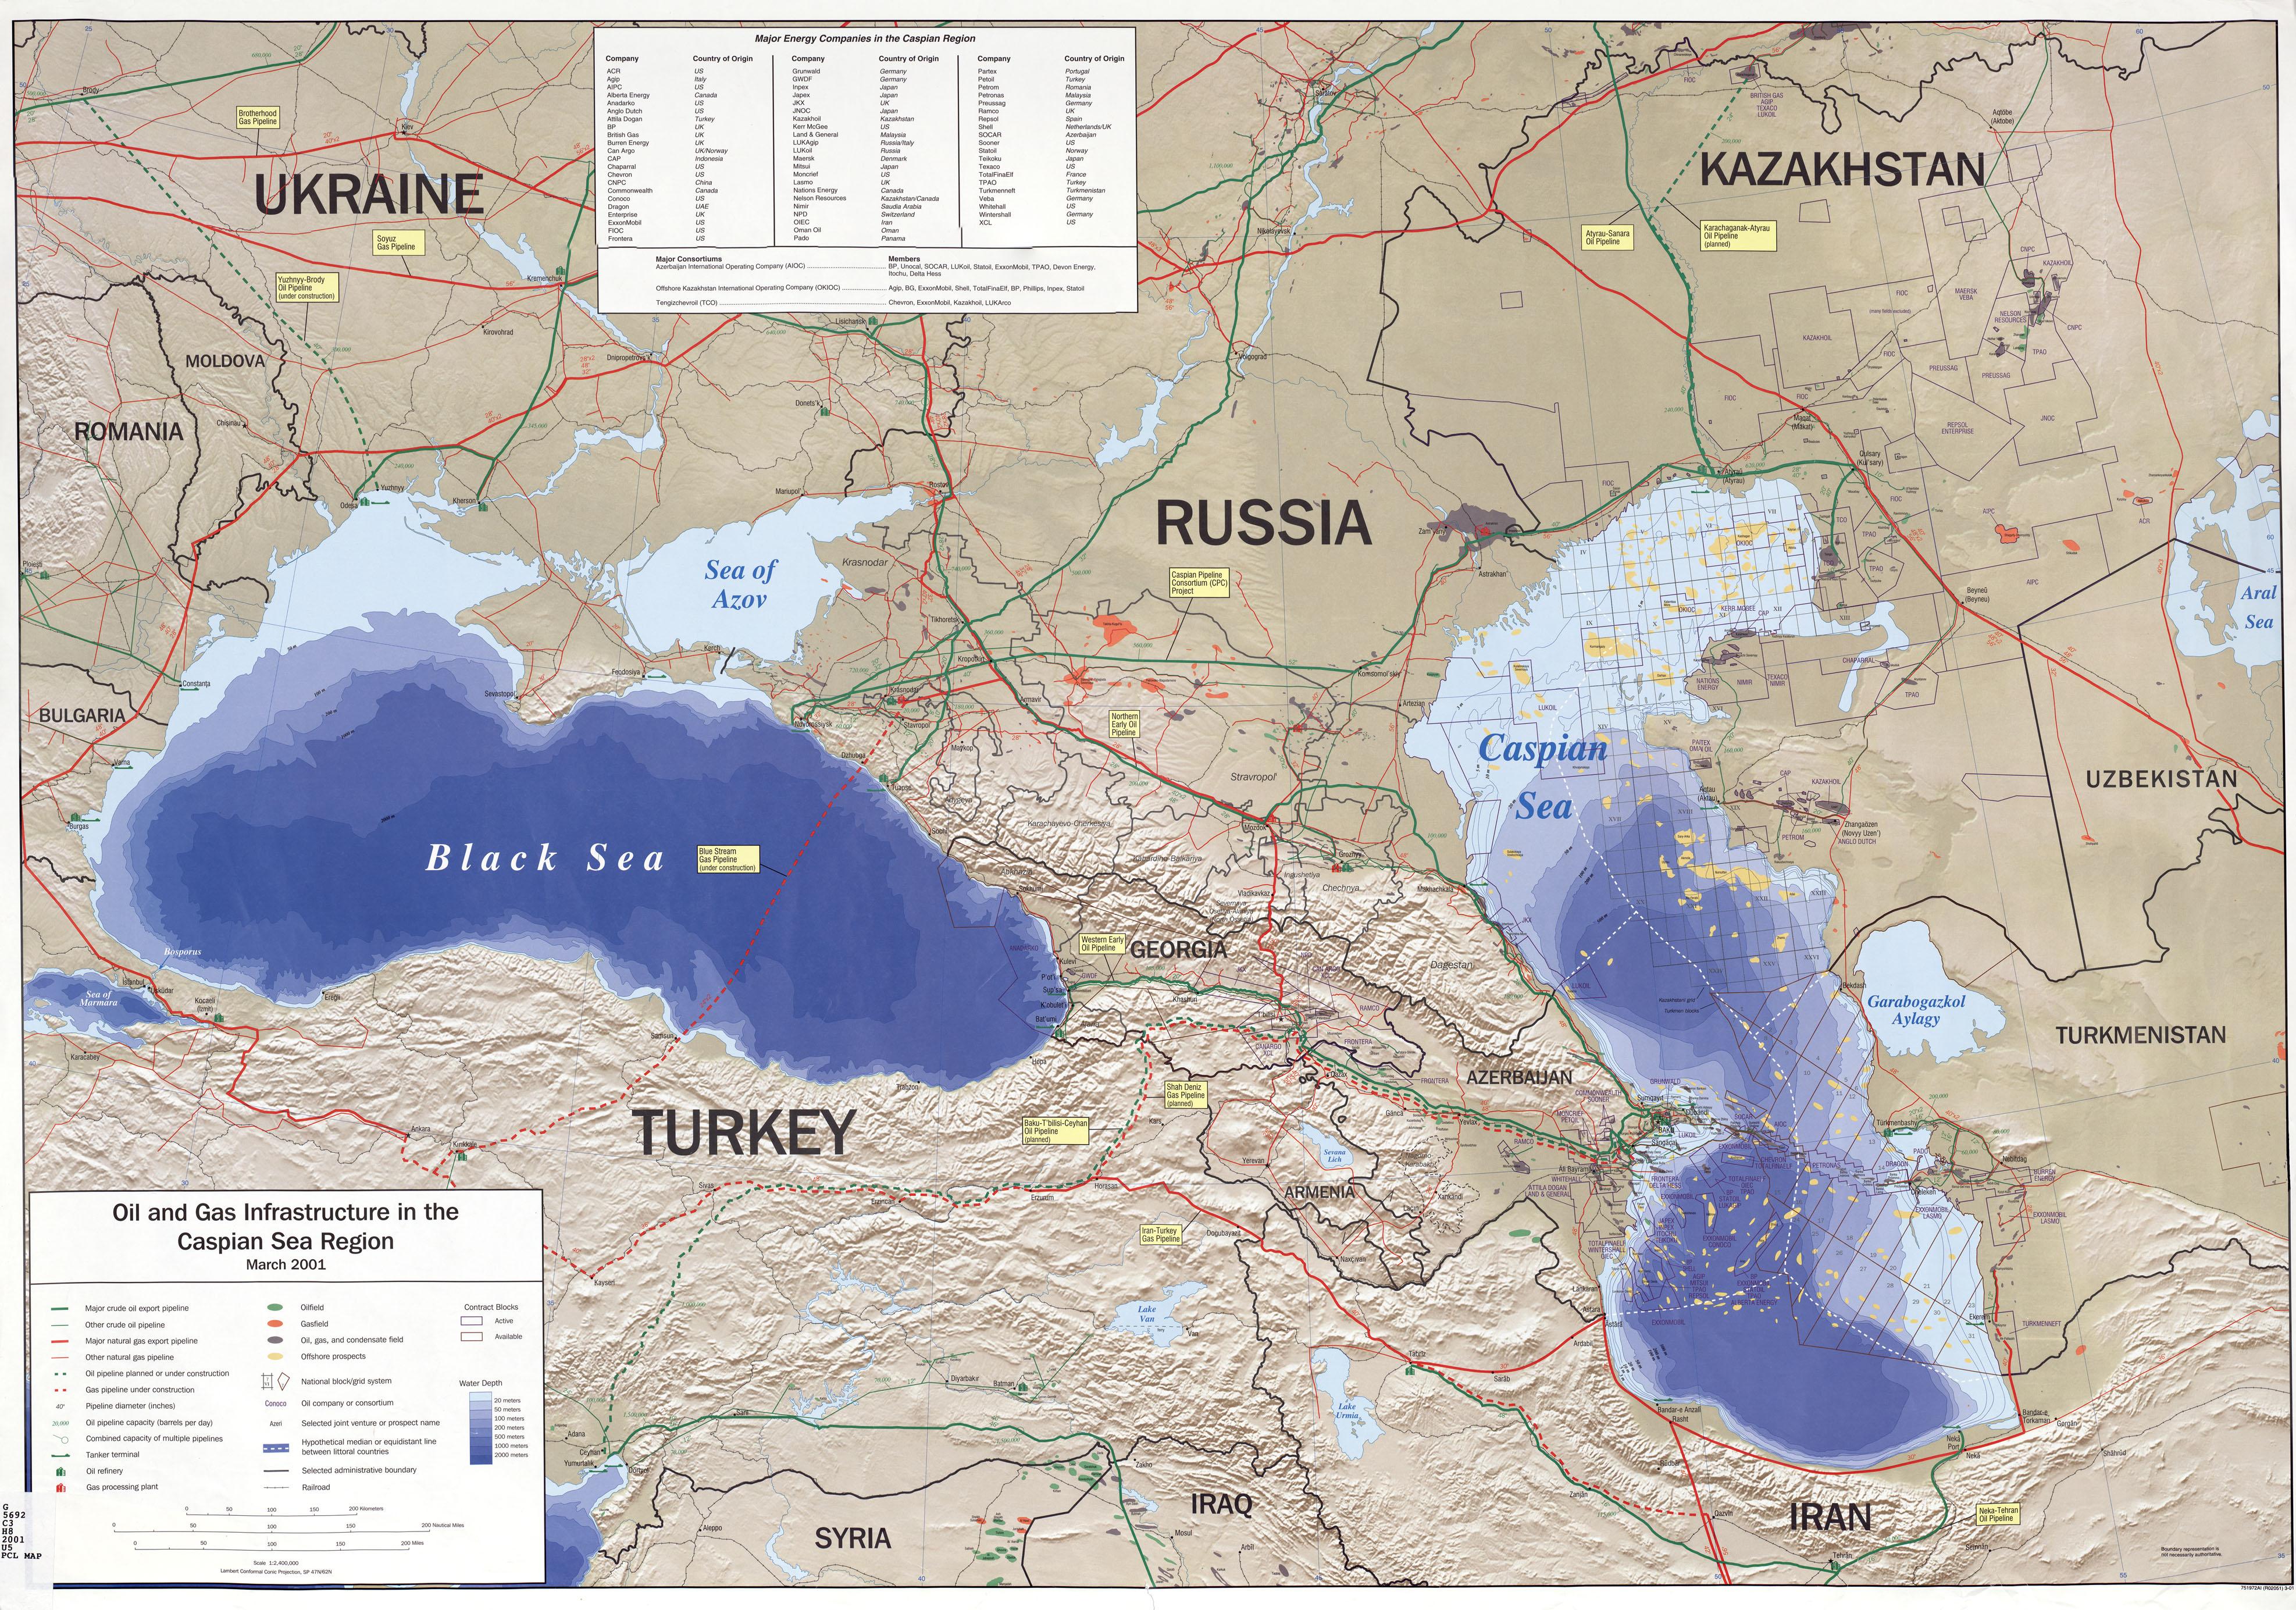 Map Of Republic Of Georgia.Index Of Free Maps Republic Of Georgia